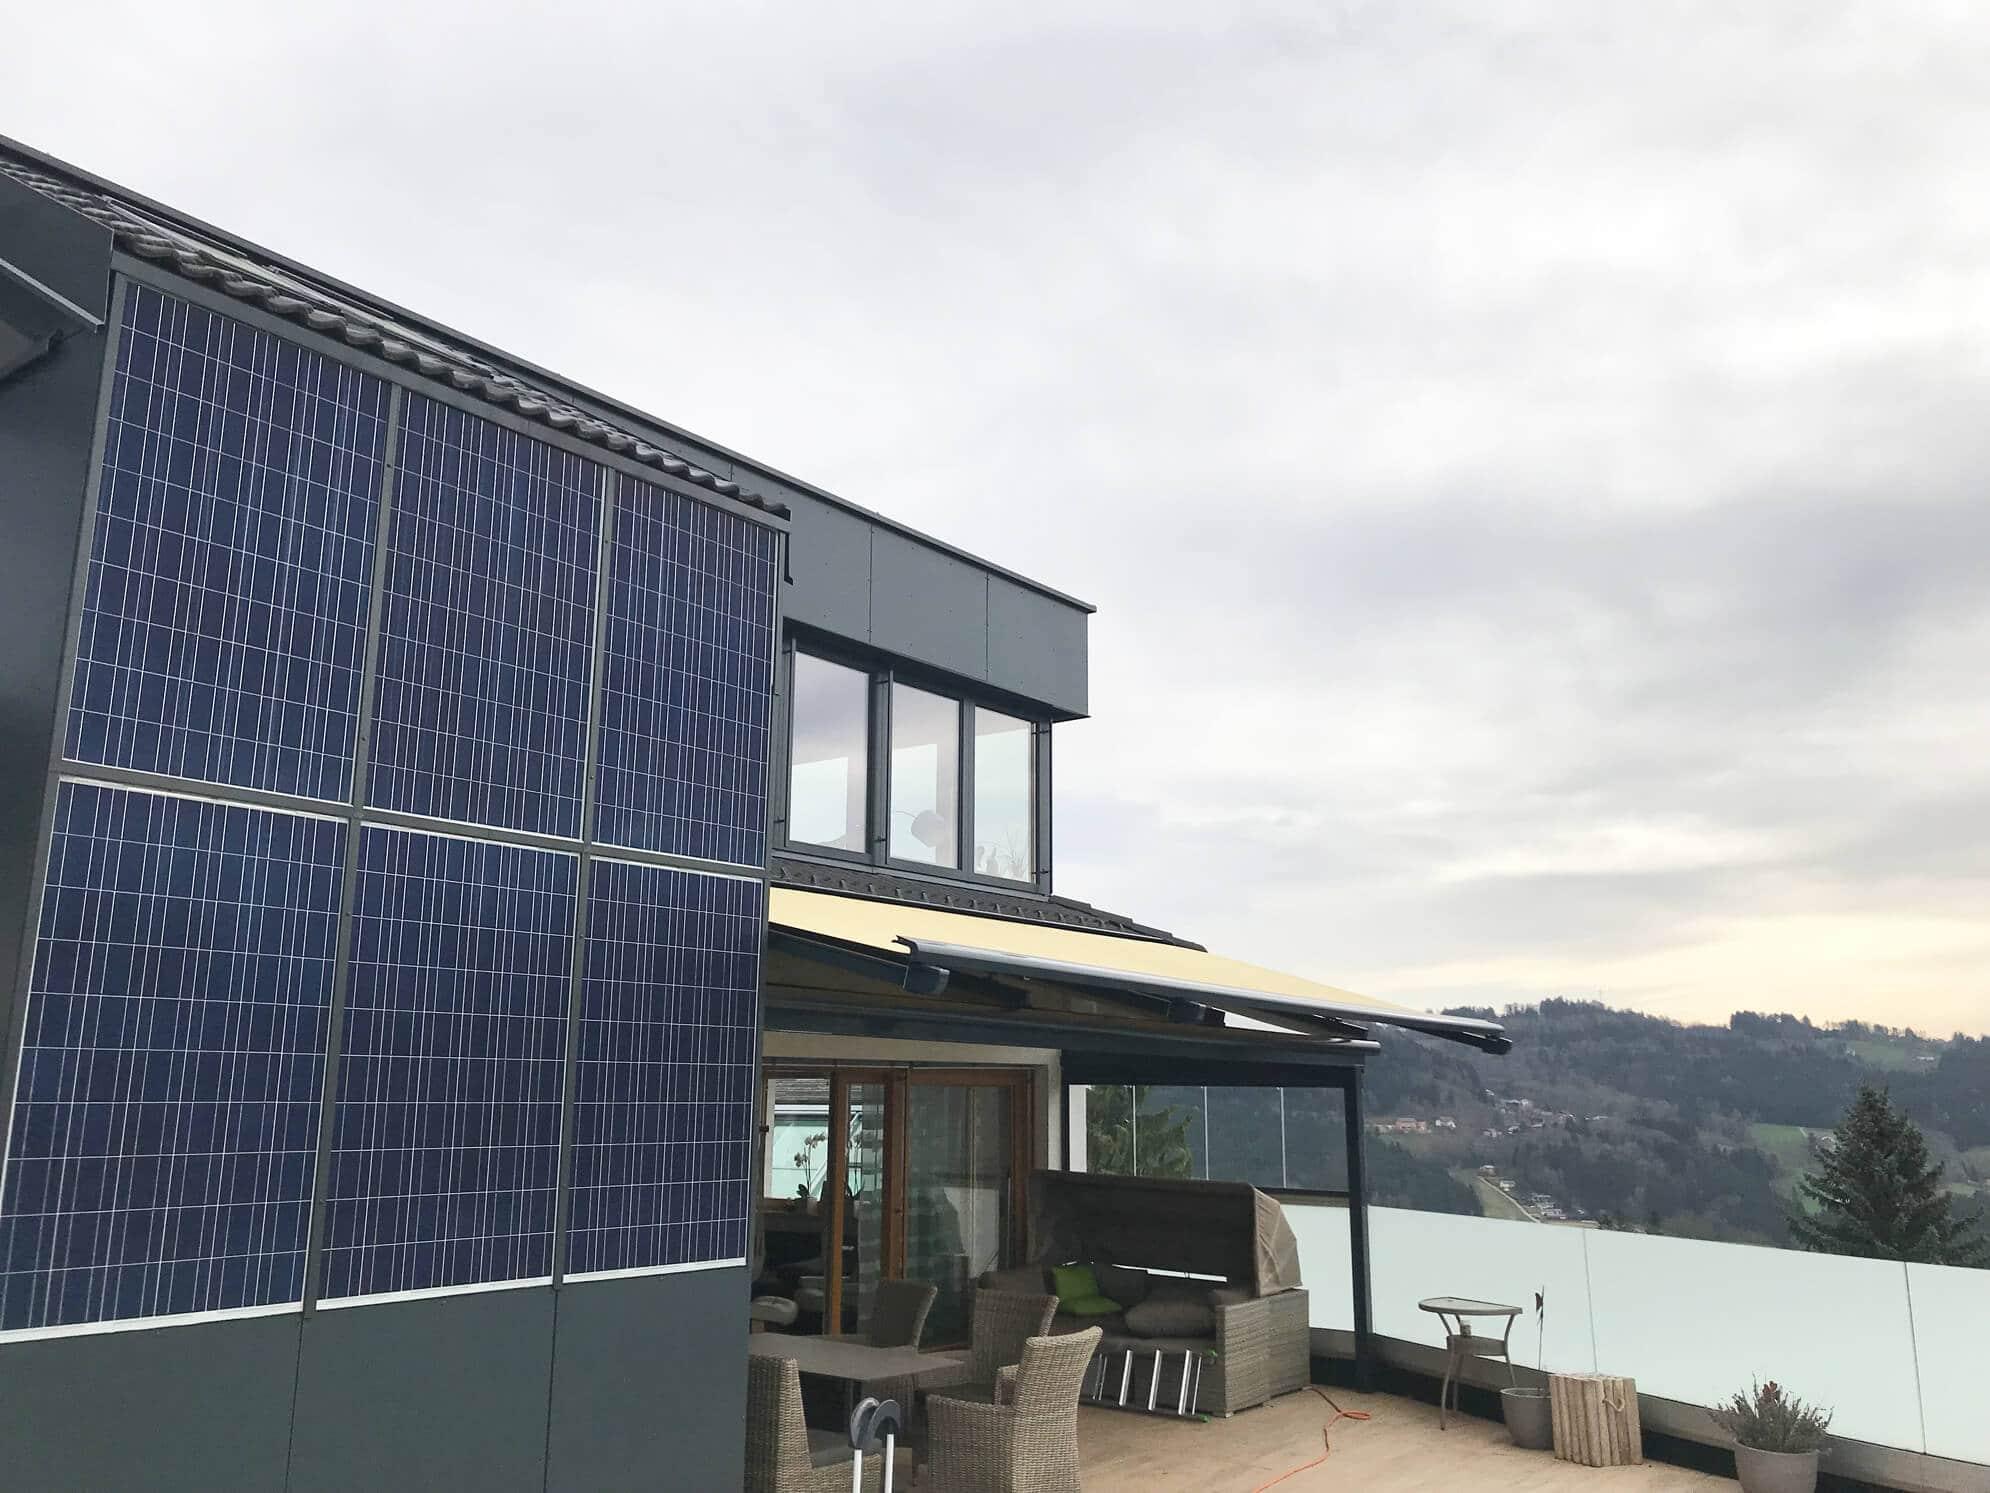 Terrassenüberdachung mit Sunflex Windschutz Schiebeanlage 4 teilig